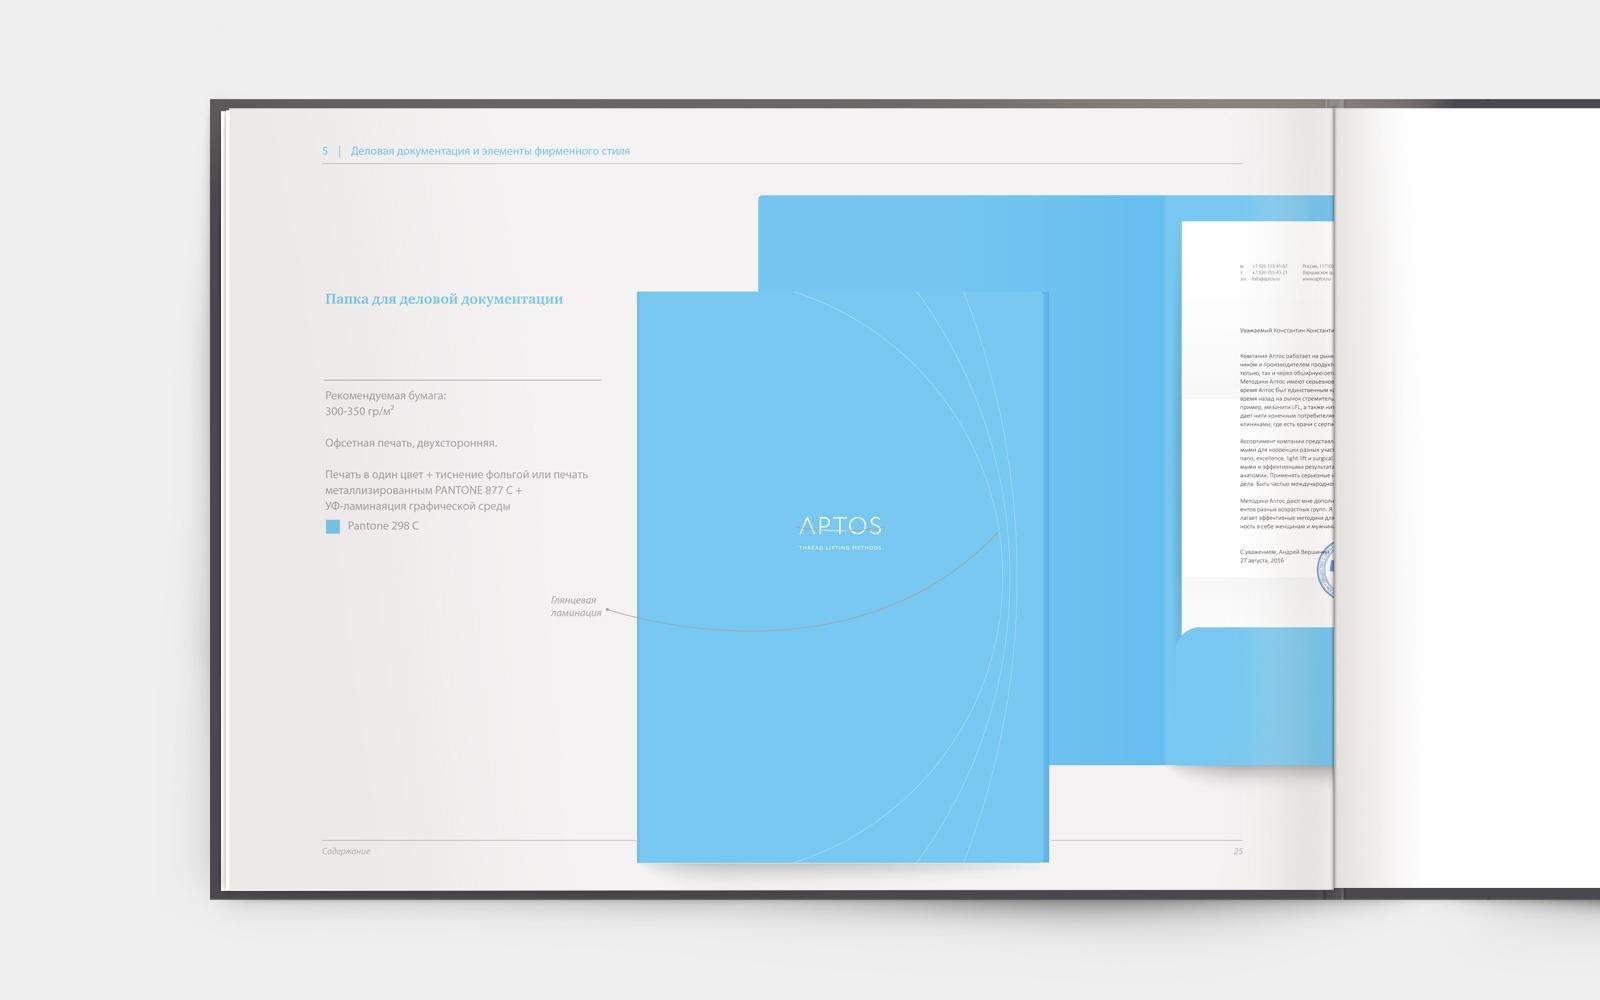 Фирменный стиль в элементах деловой документации